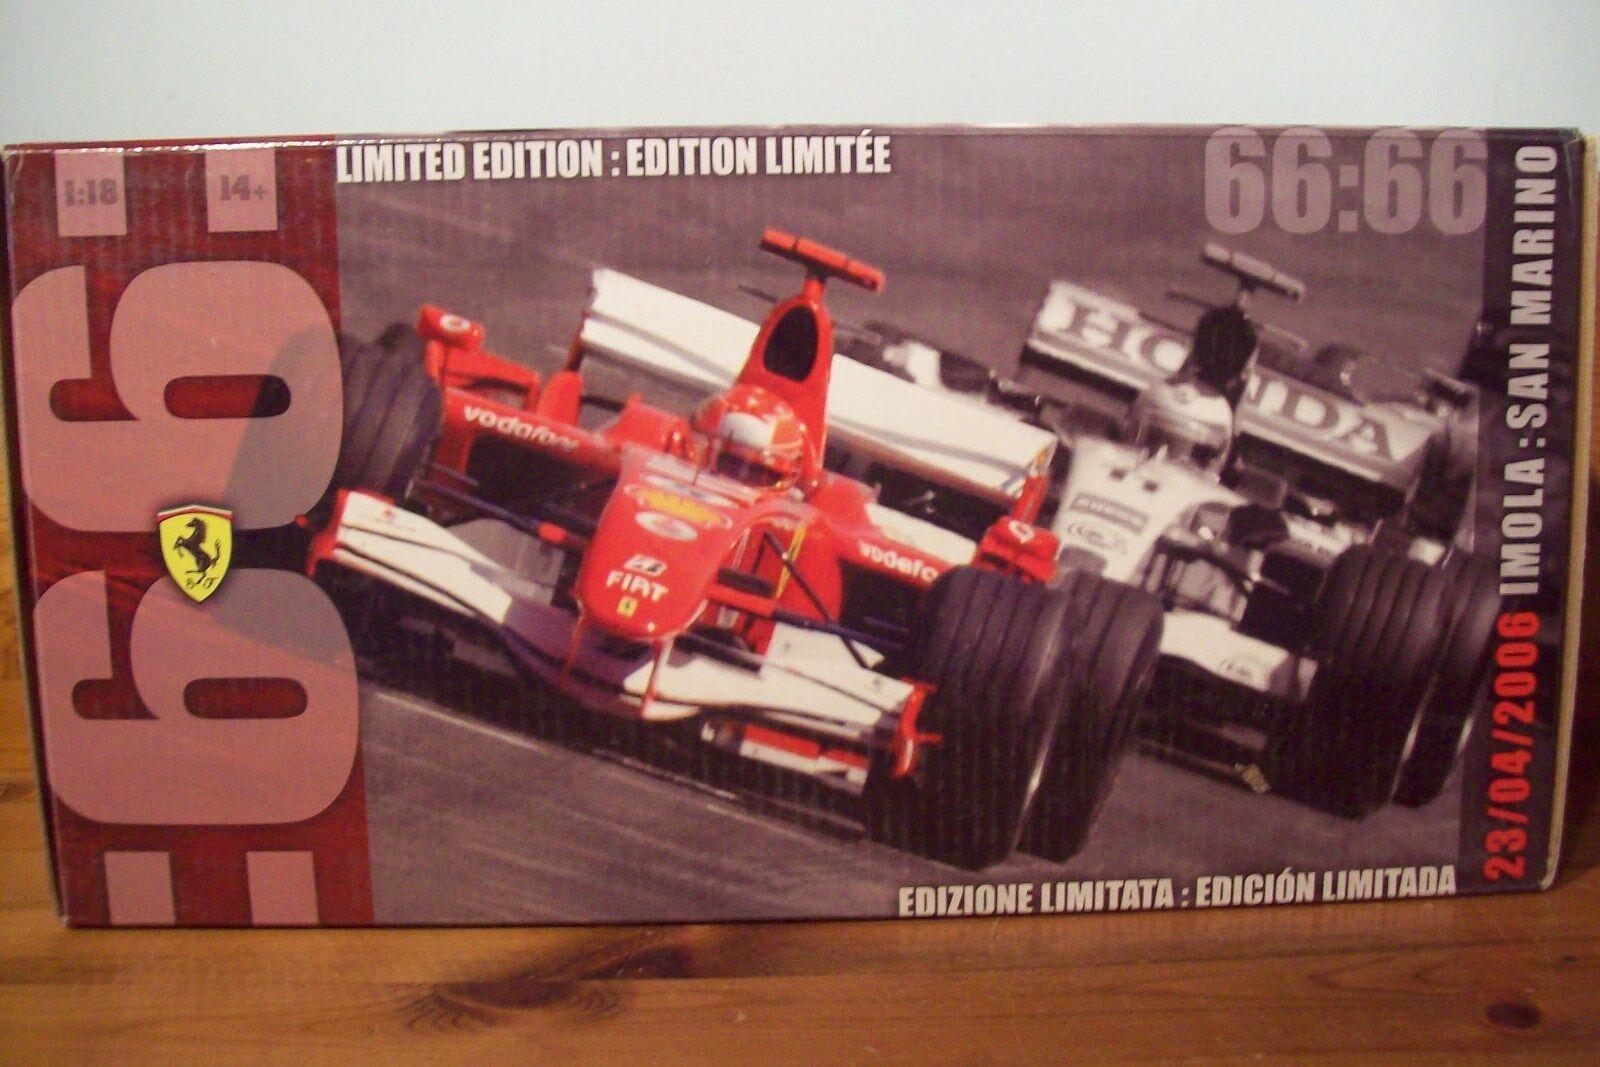 Offre Offre Offre festive de la nuit du carnaval de Noël à Noël 1/18 Michael Schumacher Ferrari 248F1 2006 66 Pôles | Un Prix Raisonnable  f7a01d